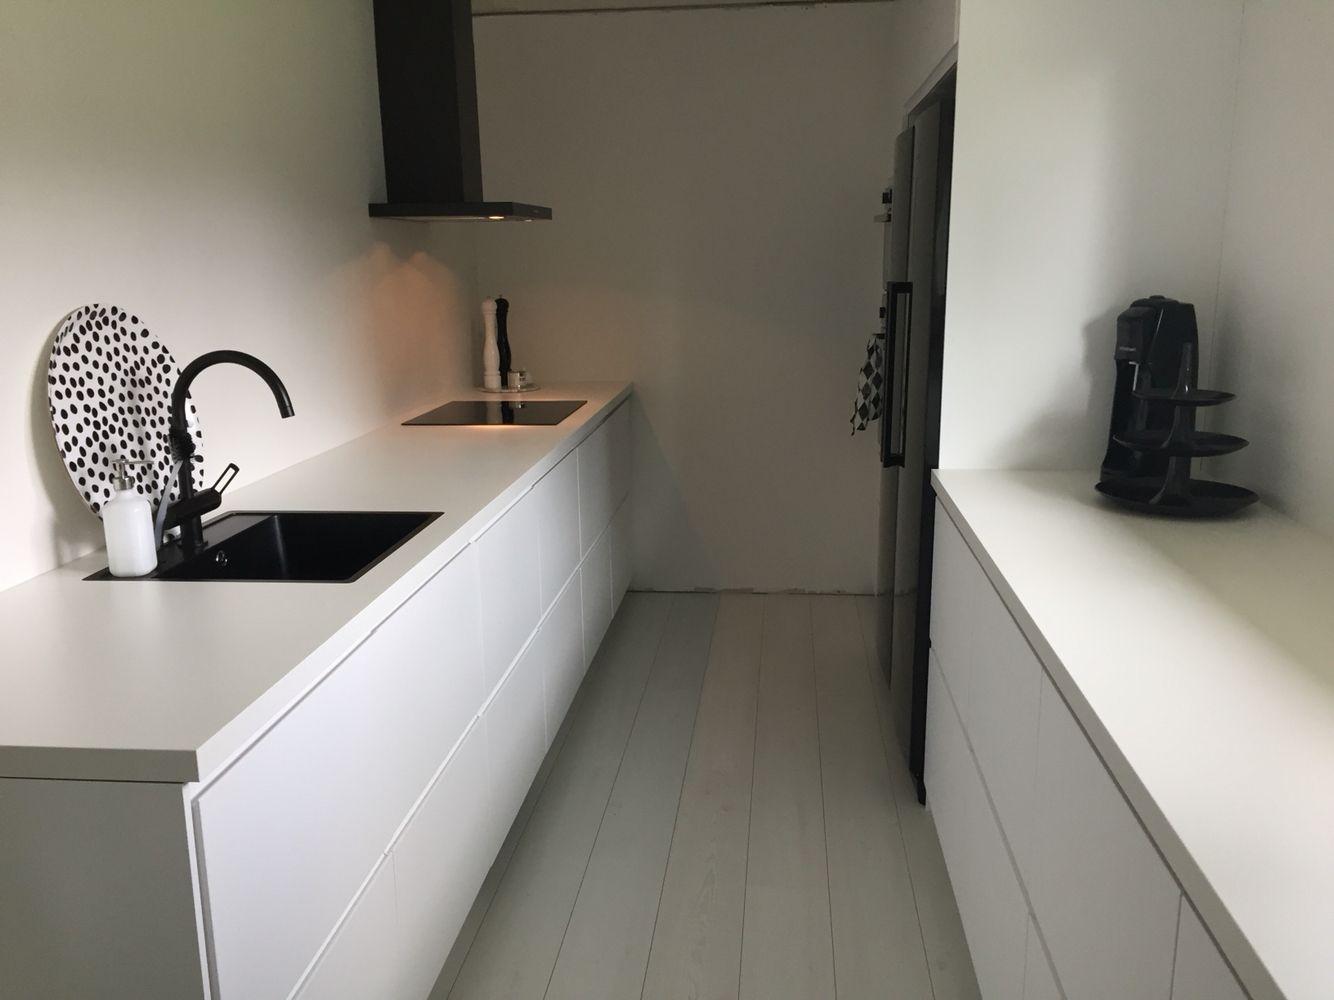 Walnoot Ikea Keuken : Ikea voxtorp cuisine küche gardasee und zuhause